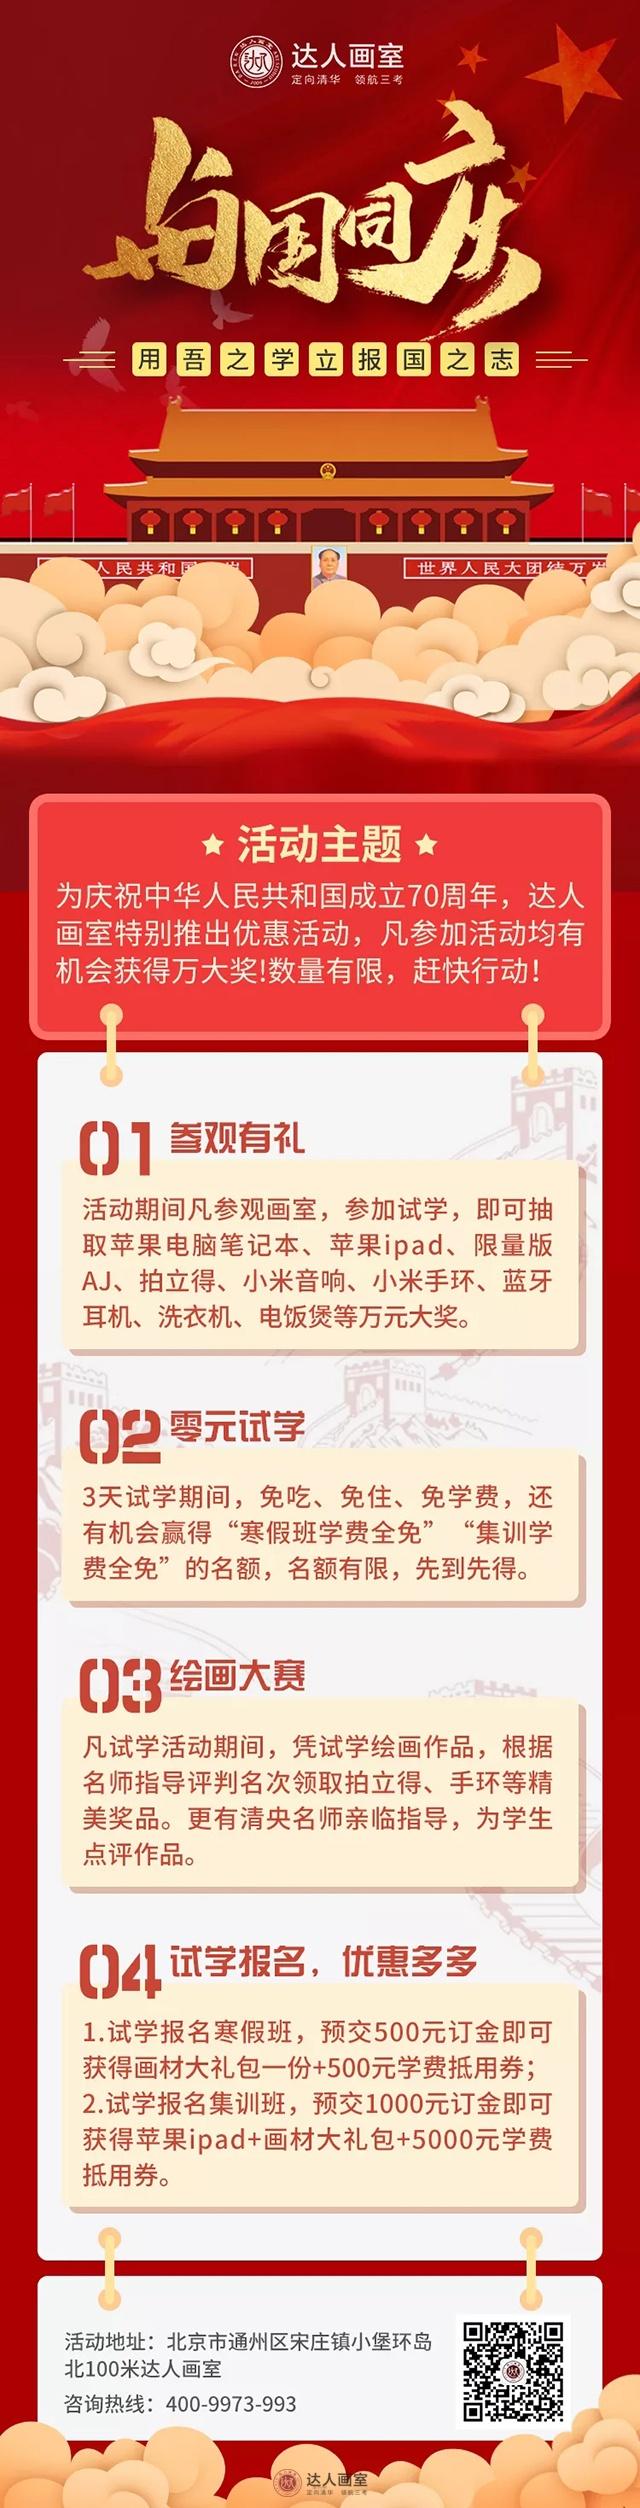 北京达人画室10月1日免费试学活动